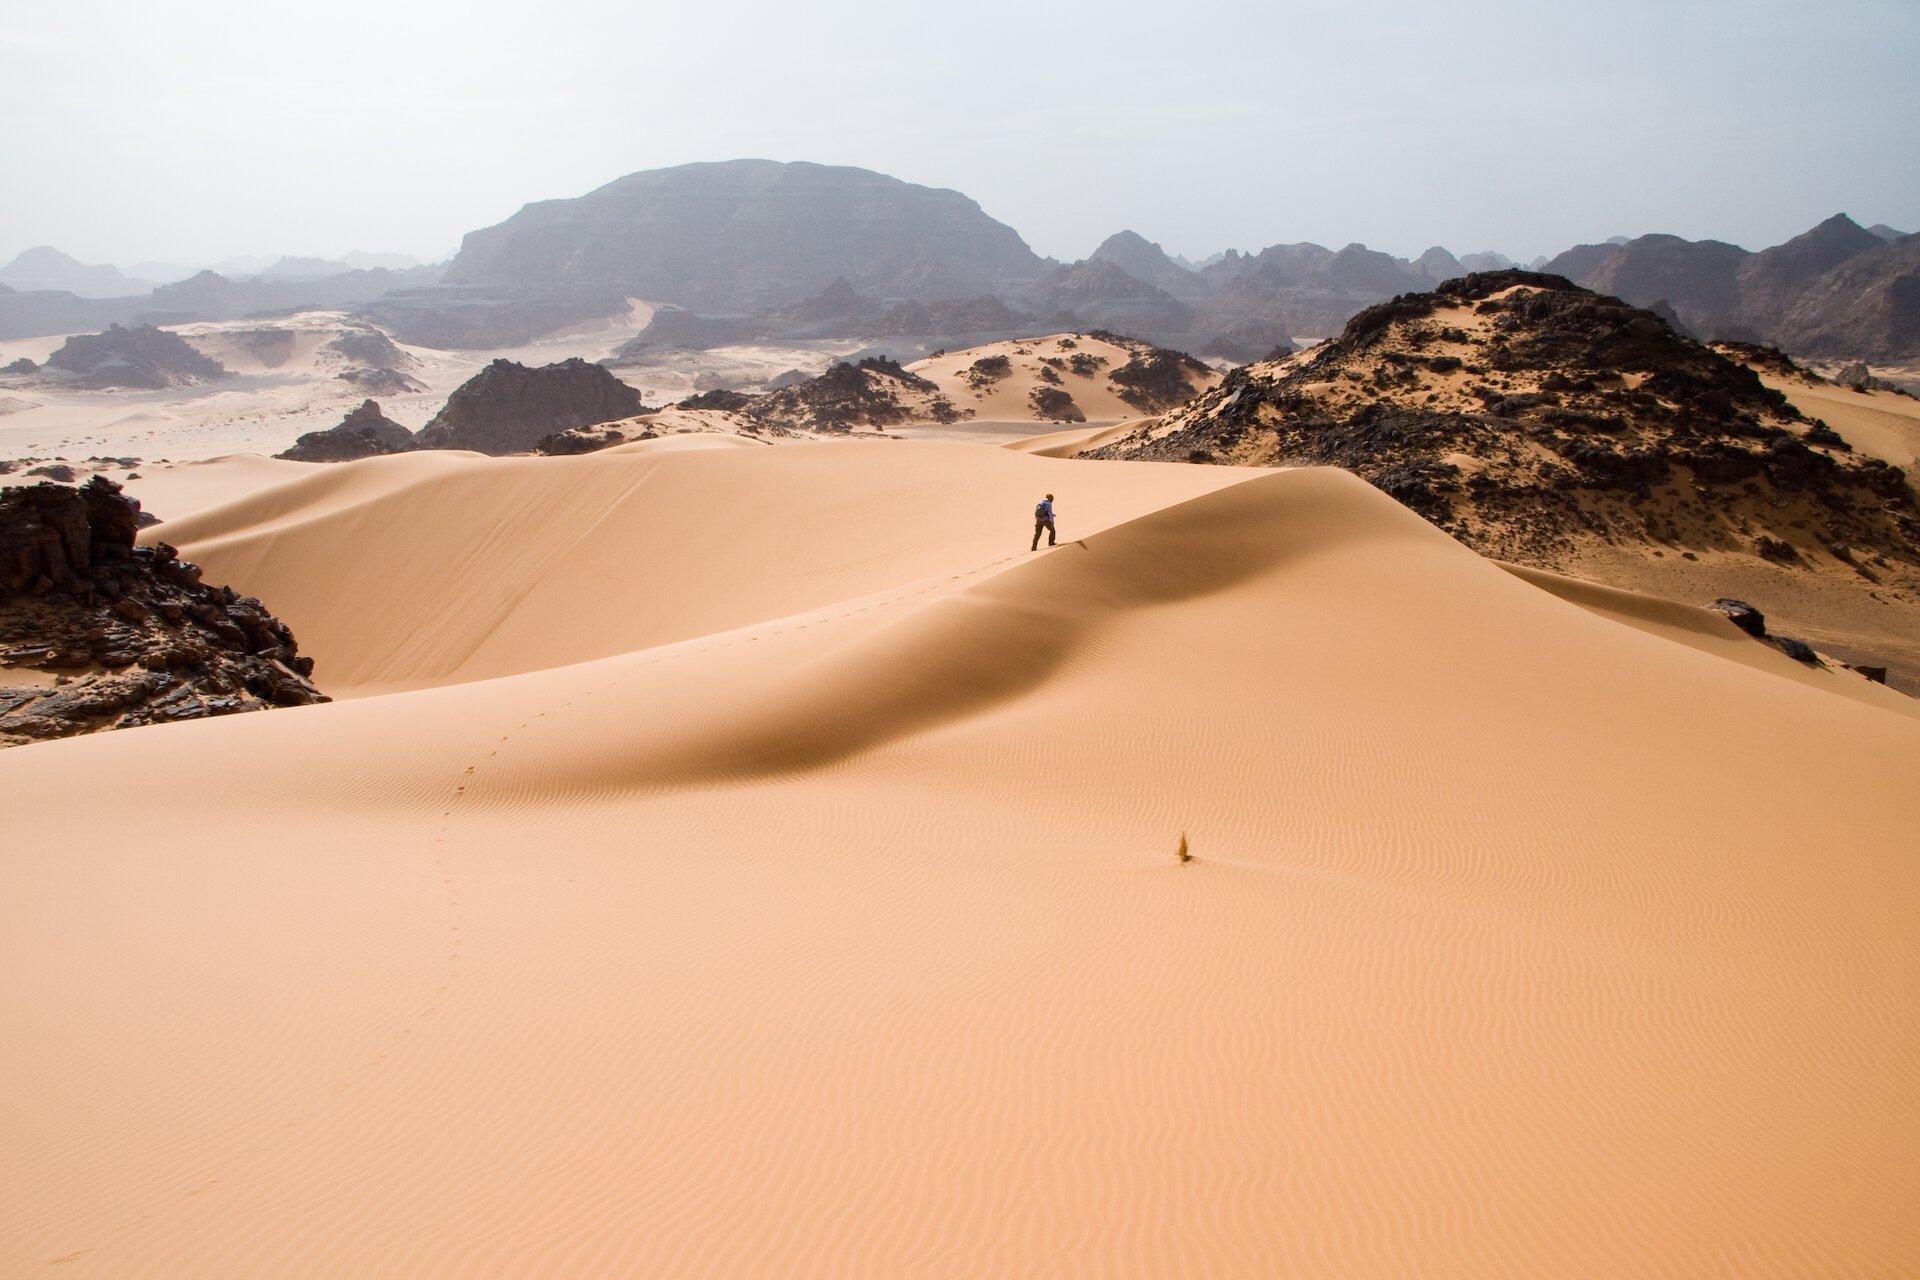 Wydma na pustyni piaszczystej. Wtle skaliste pagórki.